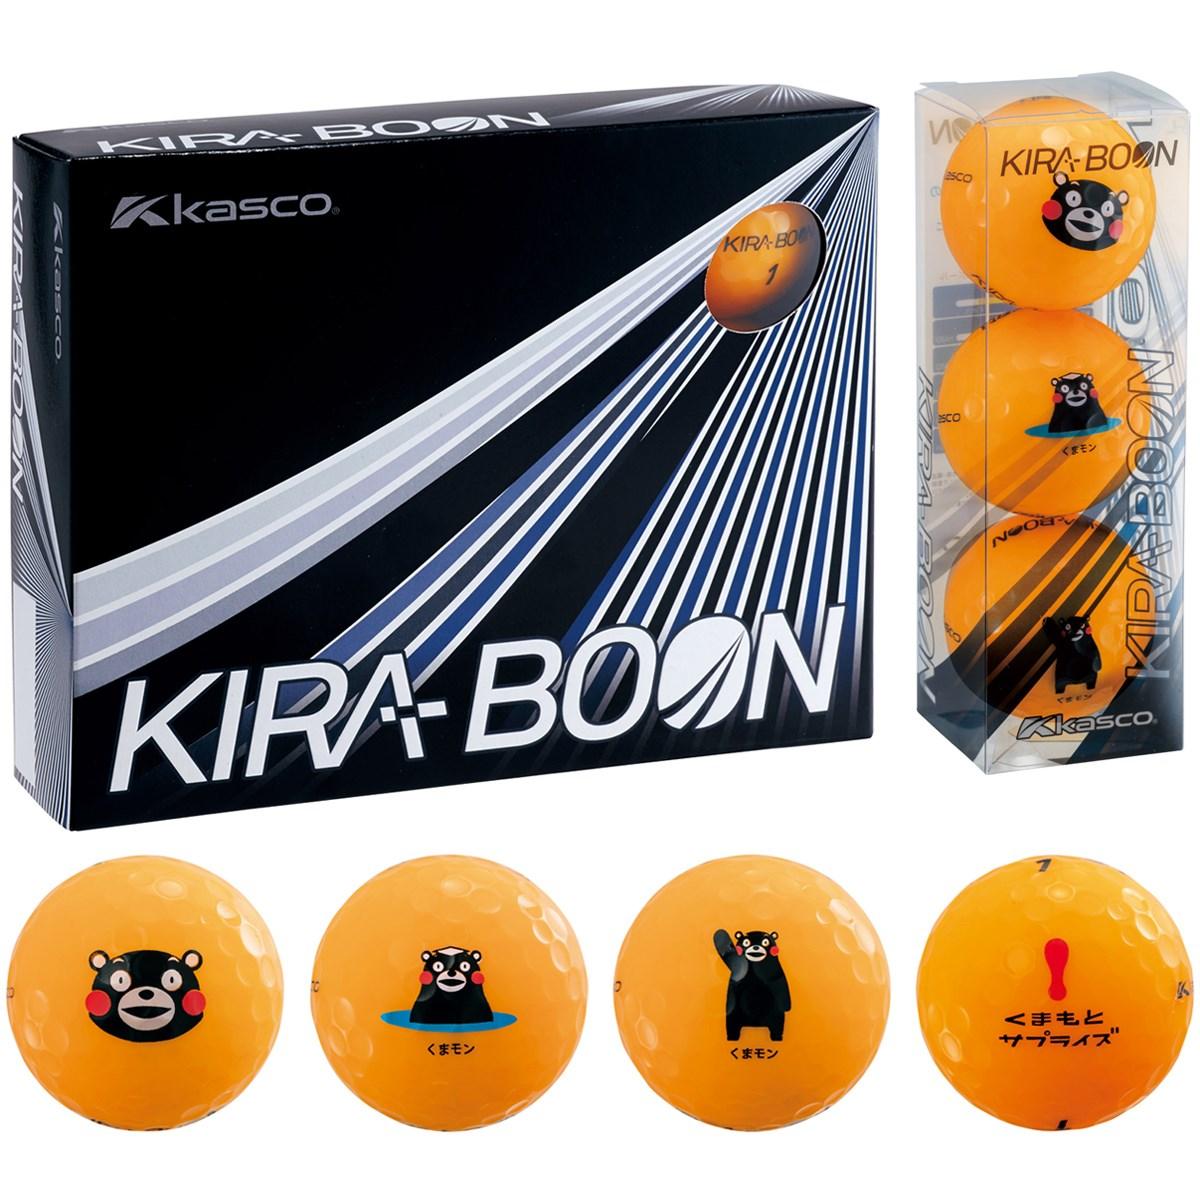 キャスコ KIRA KIRA BOON くまモン ボール 1ダース(12個入り) オレンジ